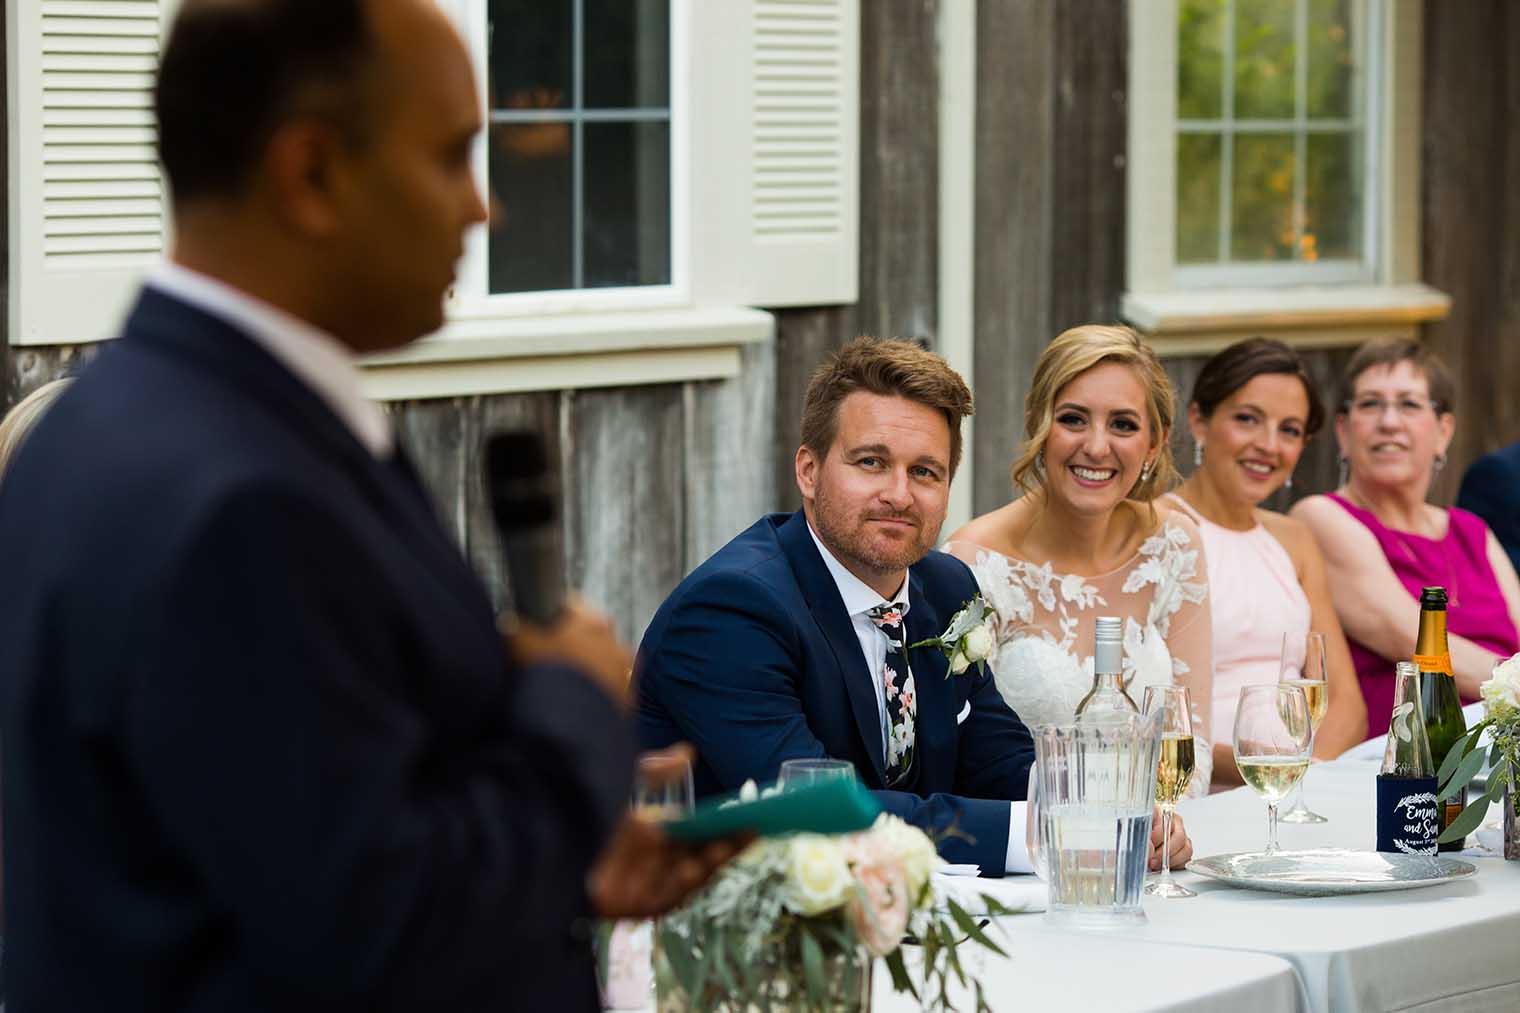 Mountain House Estate Wedding Toasts